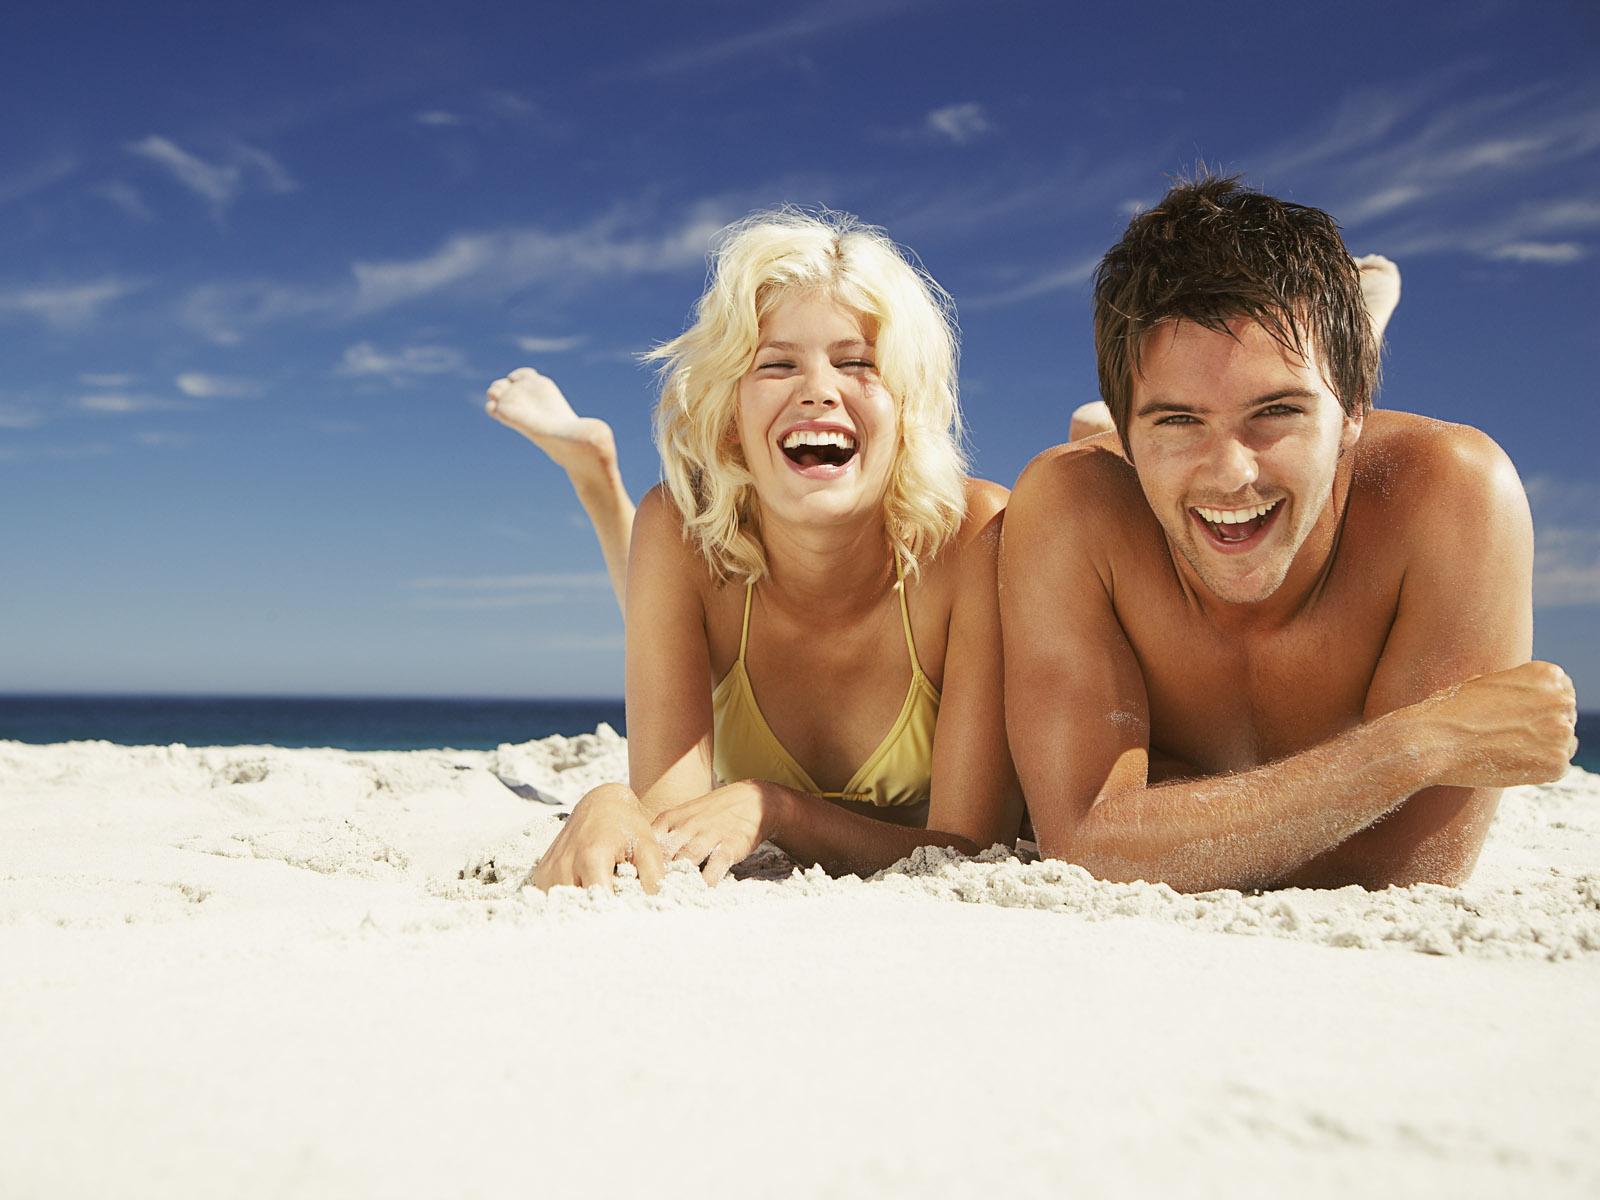 Ищу видео блондинка с другом на отдыхе #12